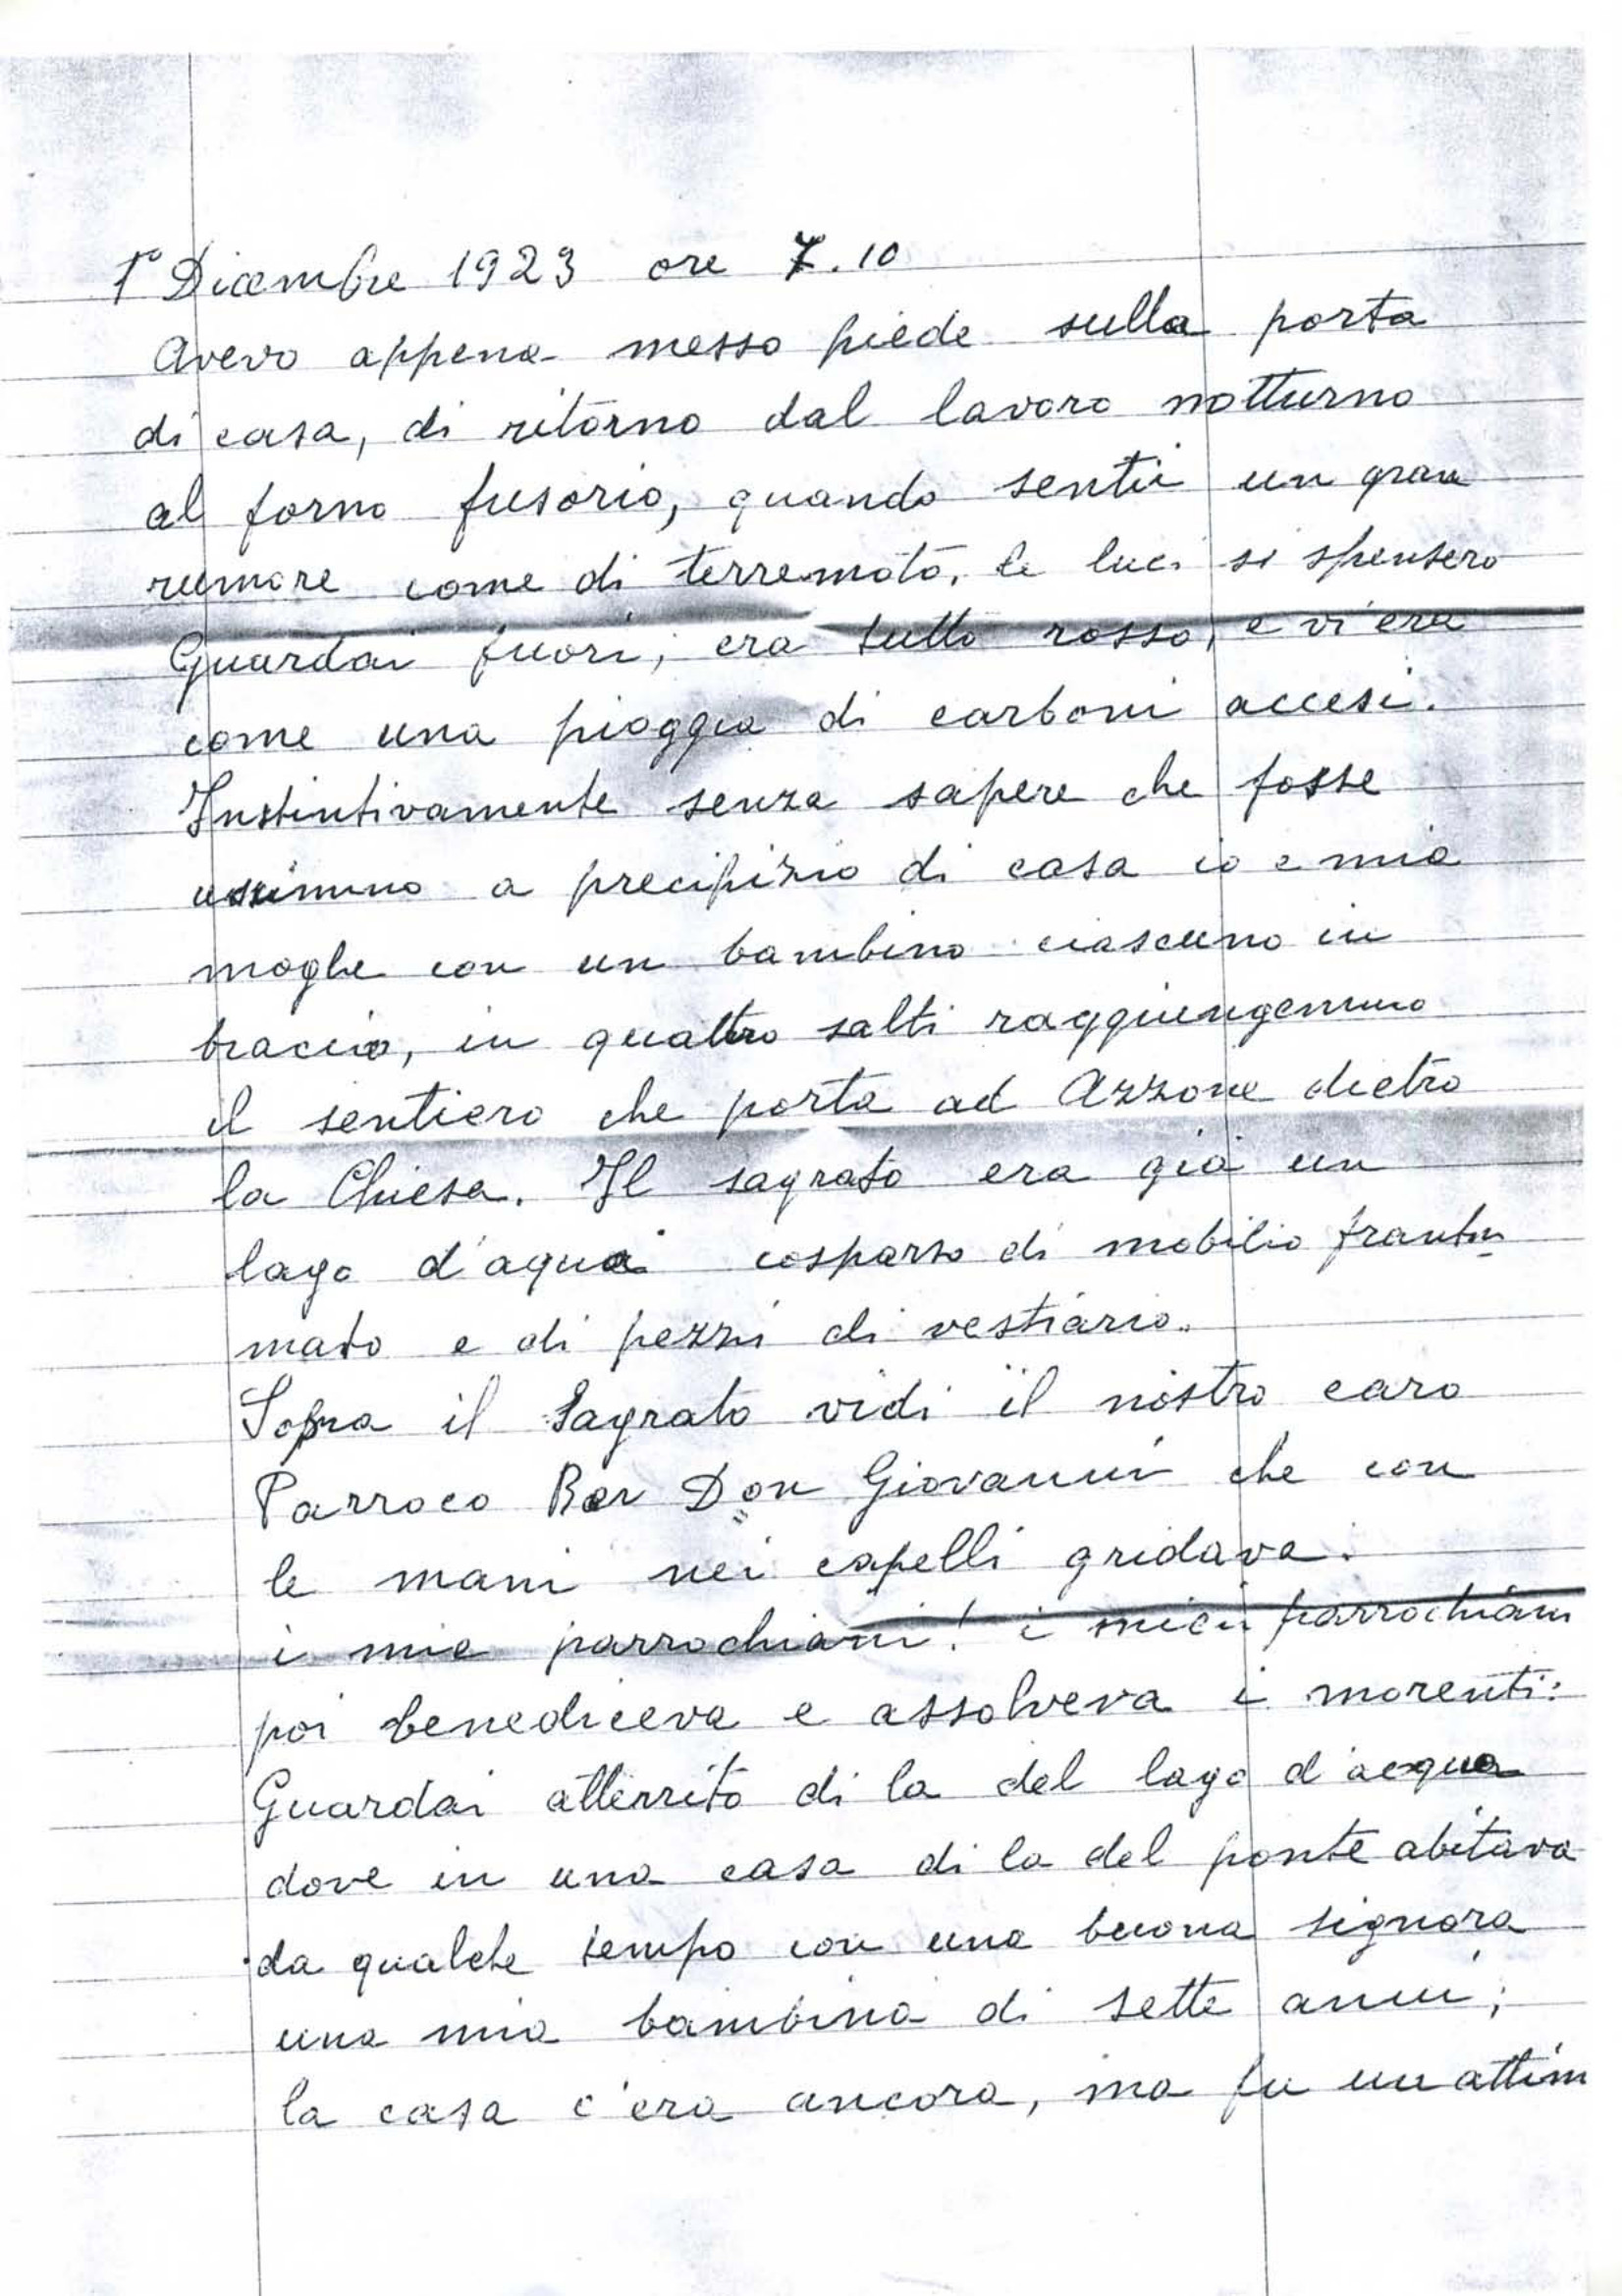 Lettera di Pedrocchi Ambrogio_01